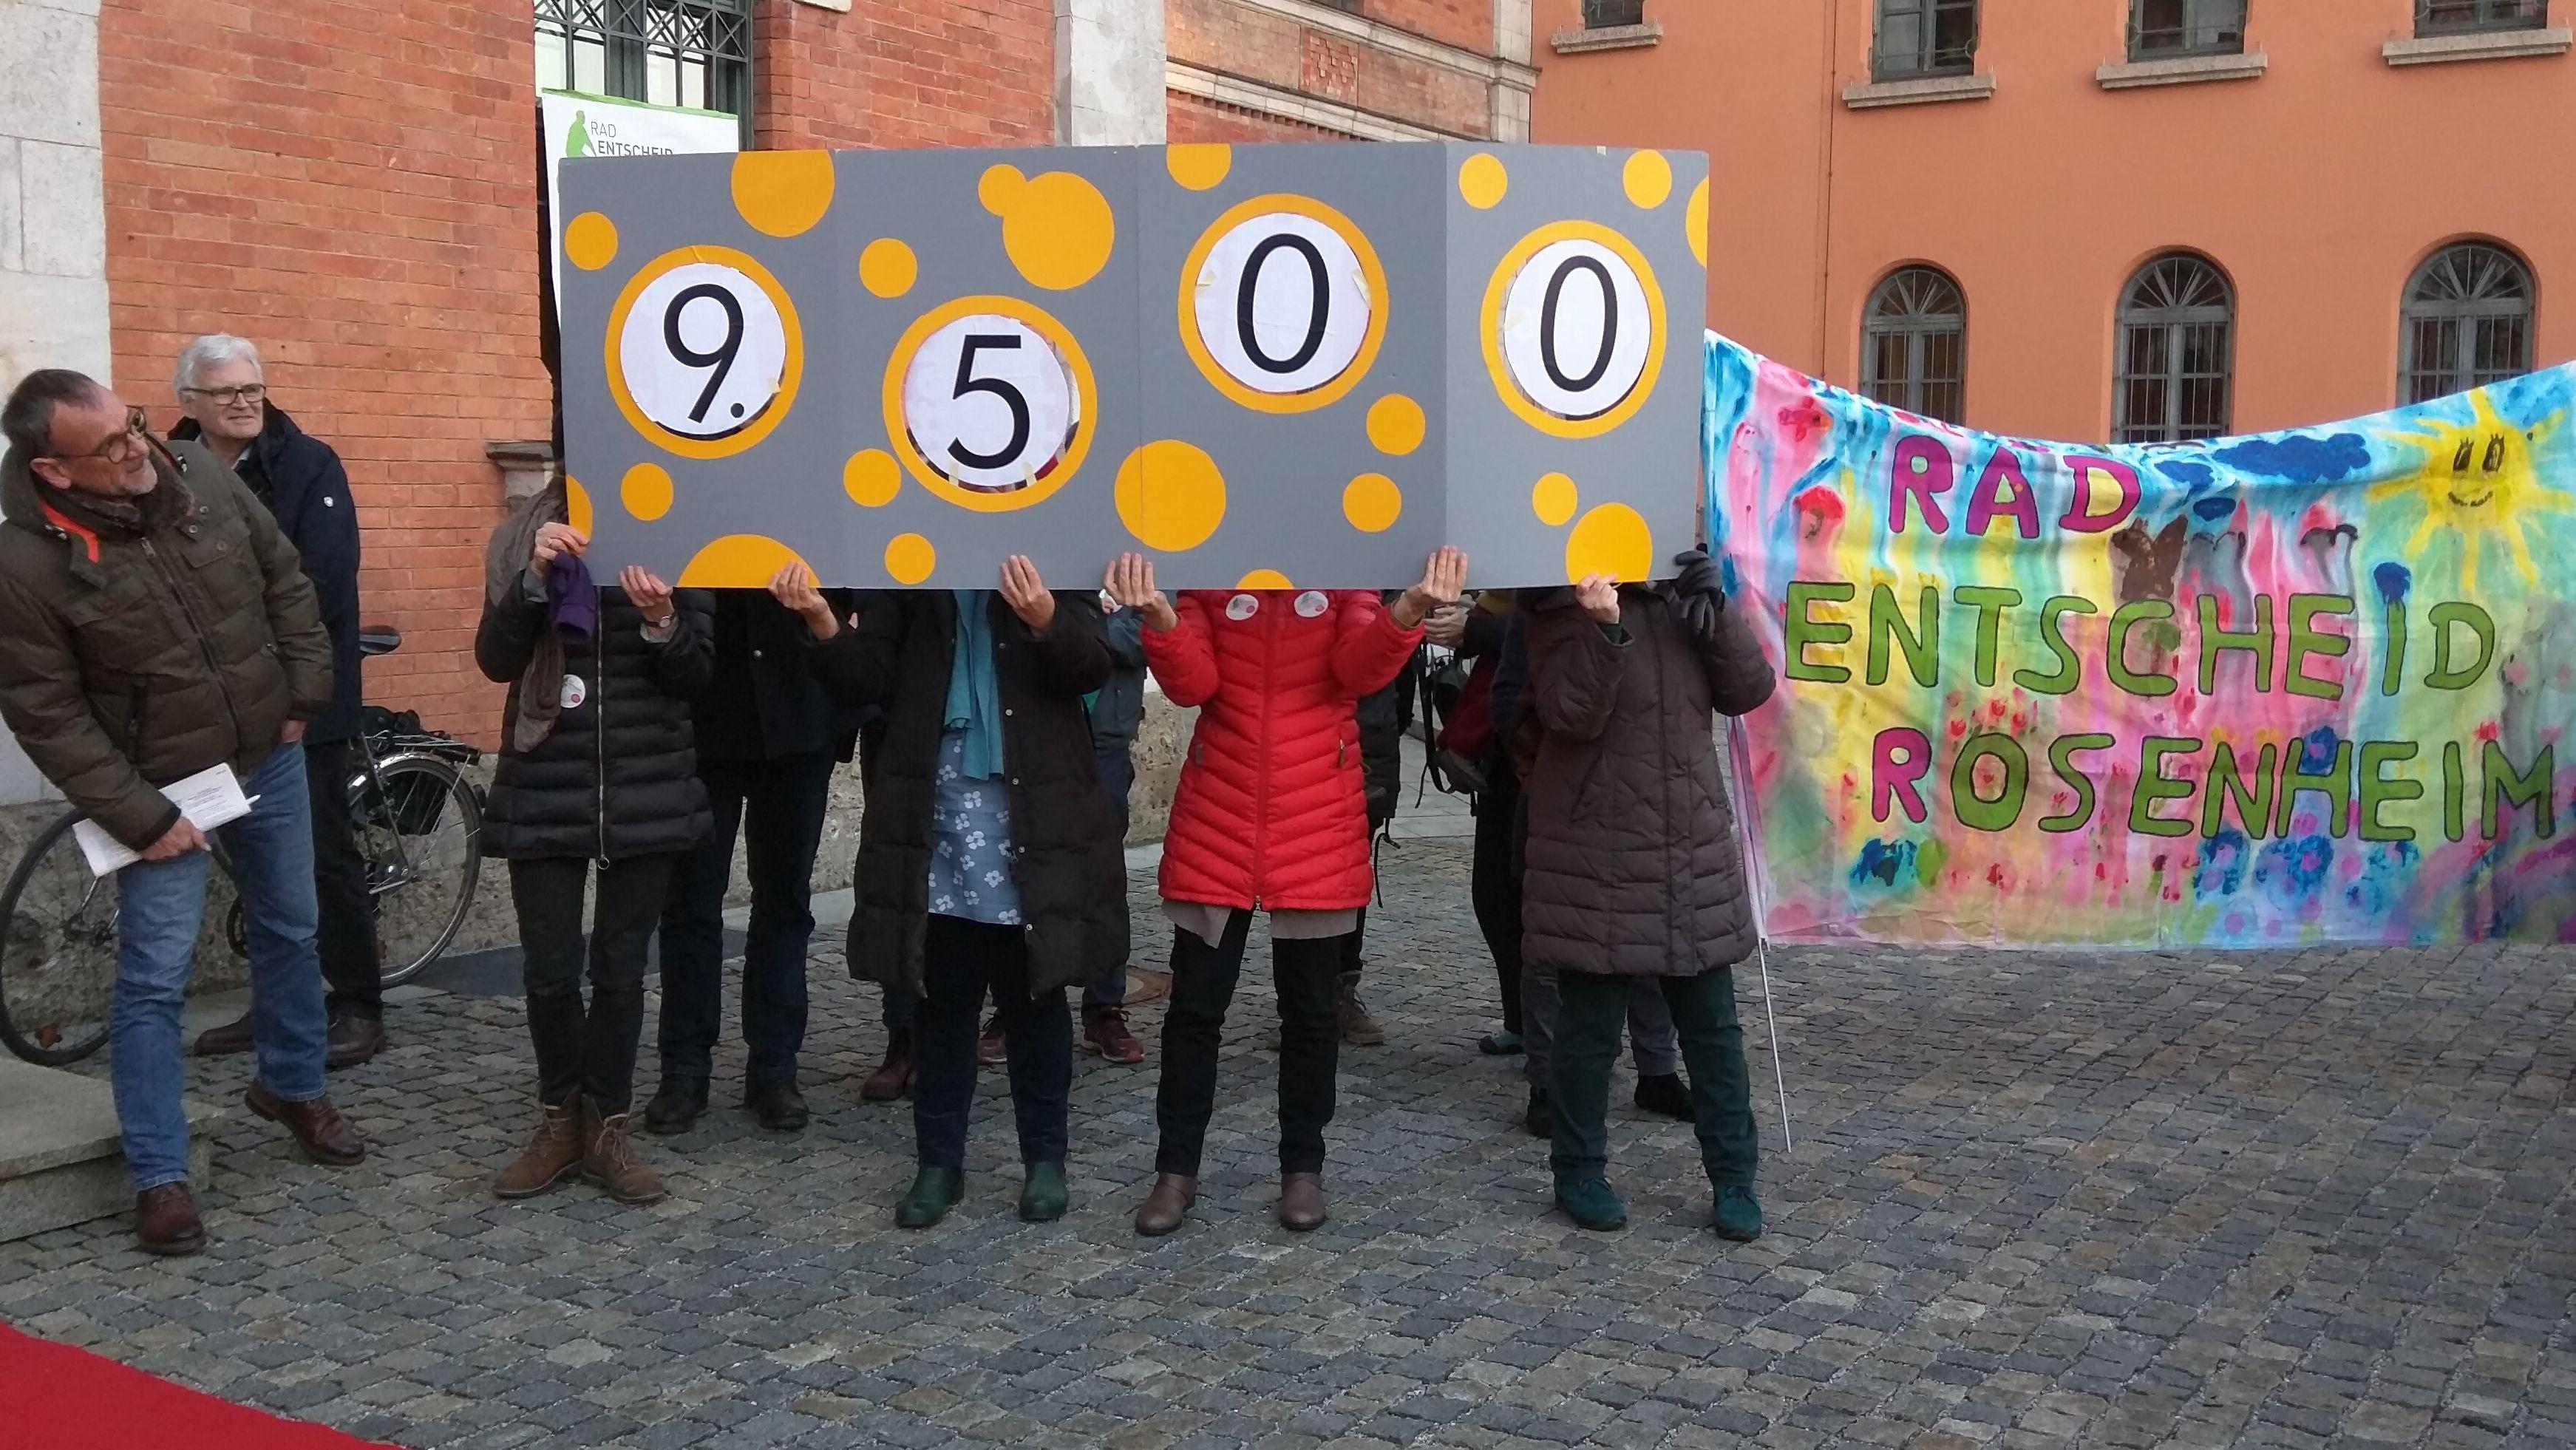 """Unterstützer des Radentscheids Rosenheim halten ein Schild mit der Zahl """"9.500"""" hoch."""